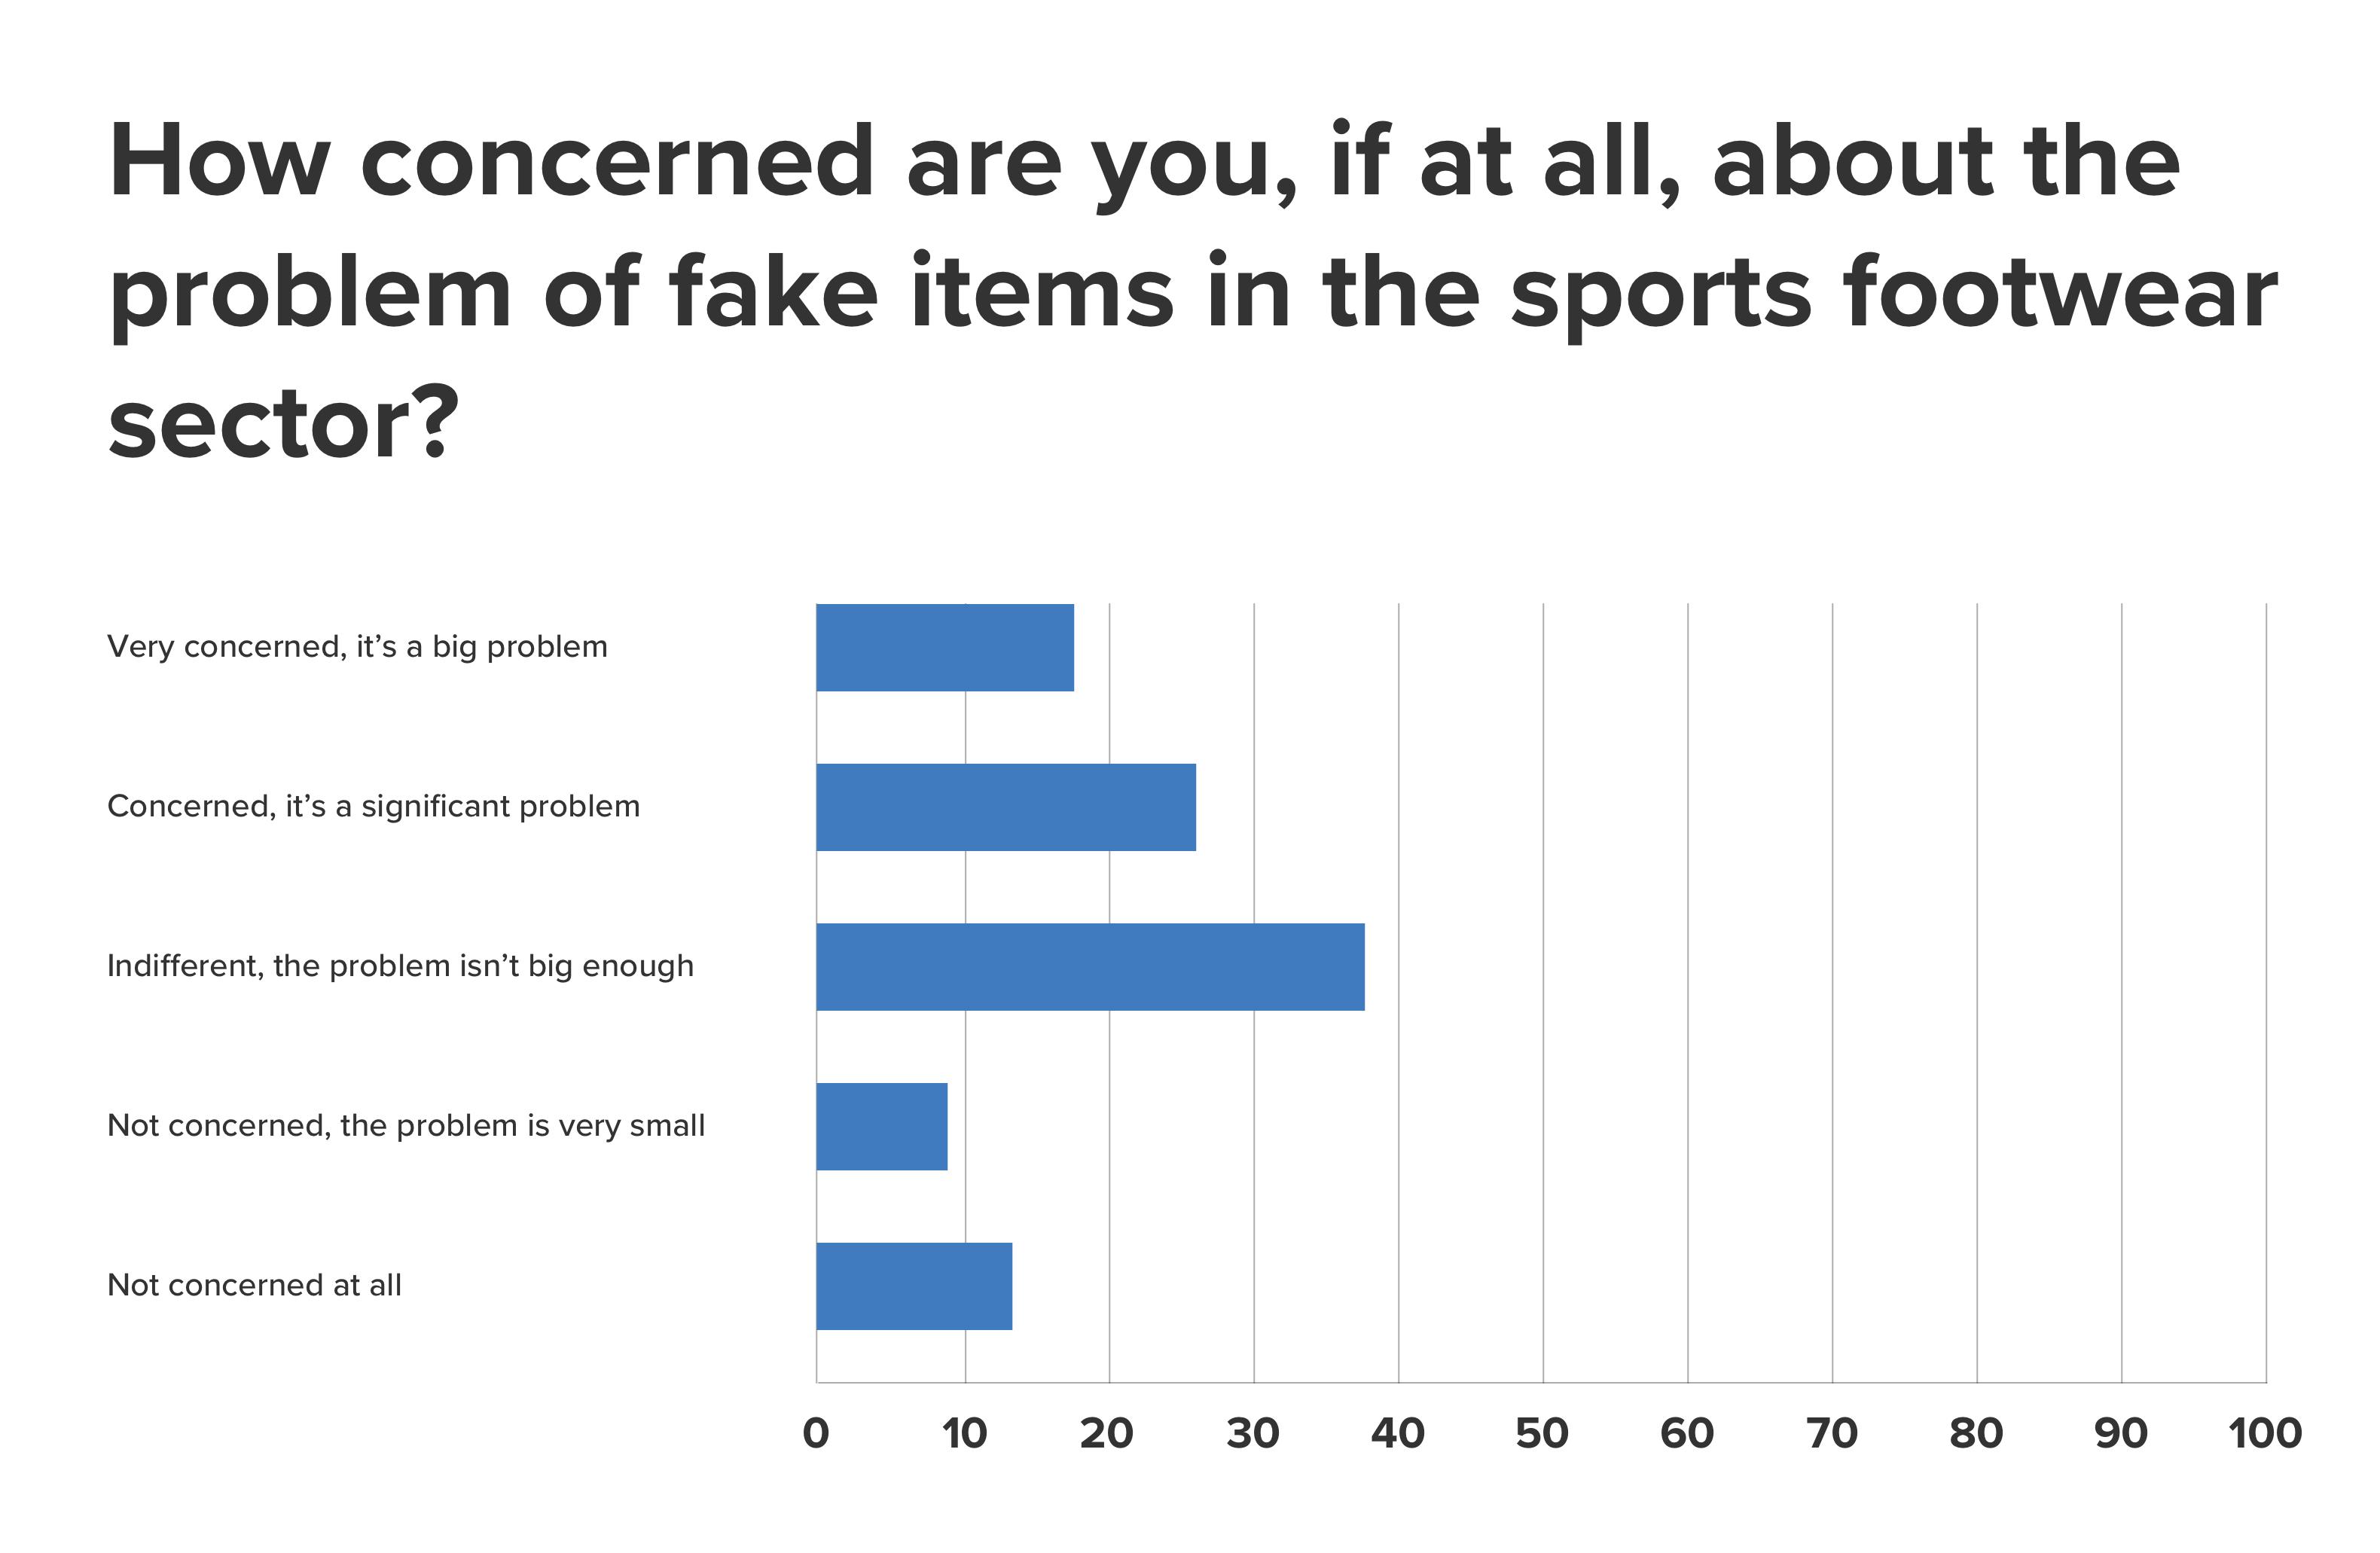 fake-footwear-concern-question